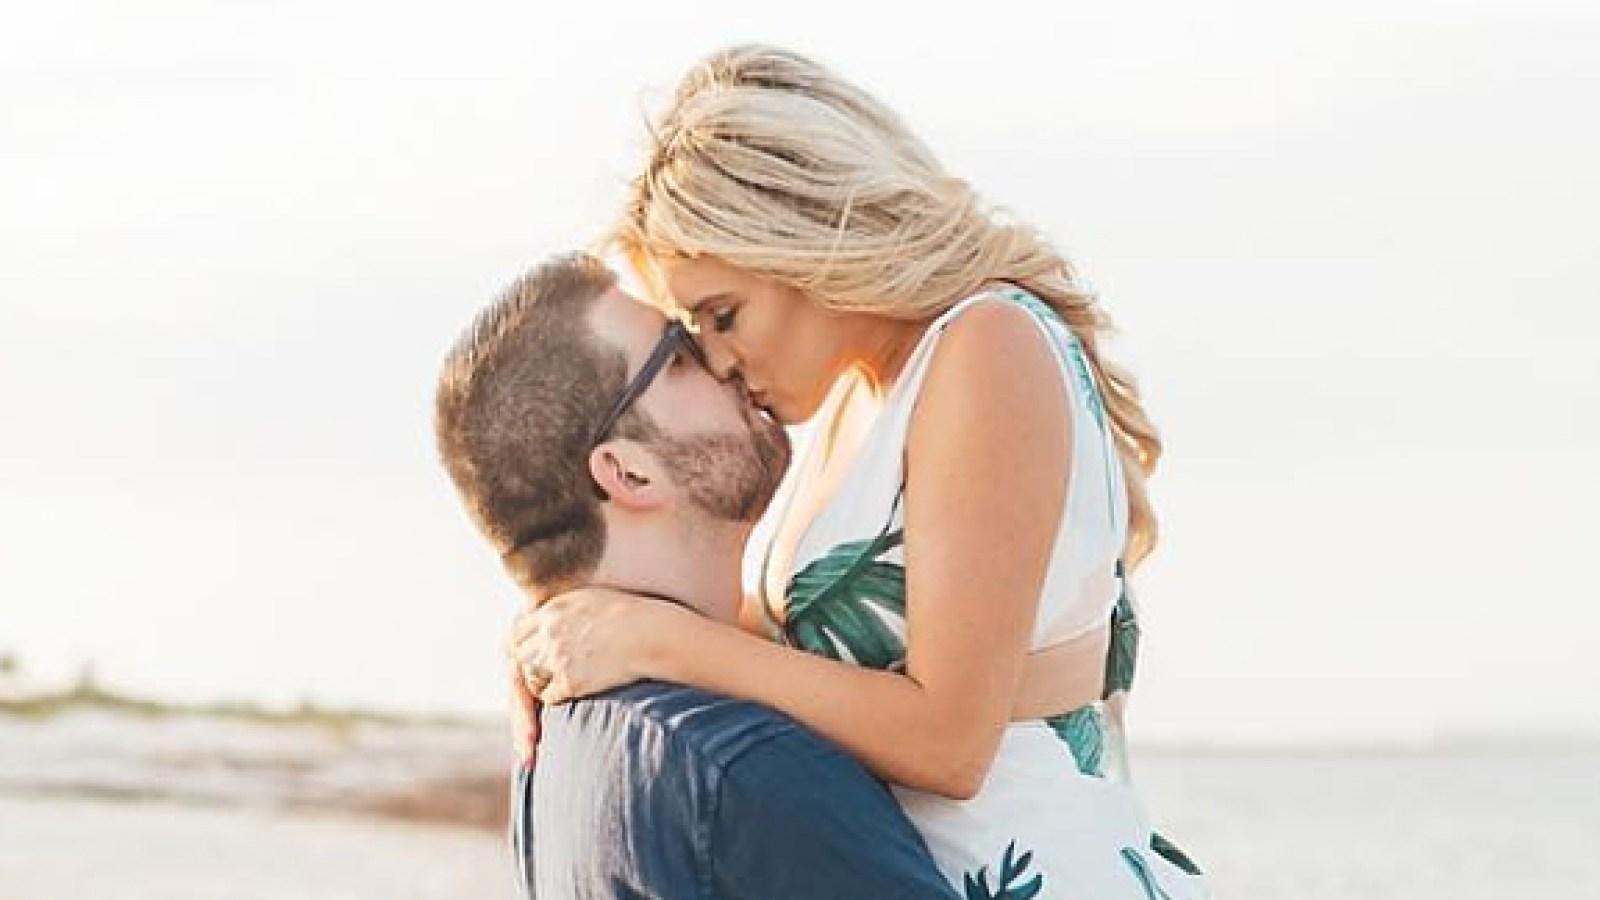 Kalju kaverit online dating